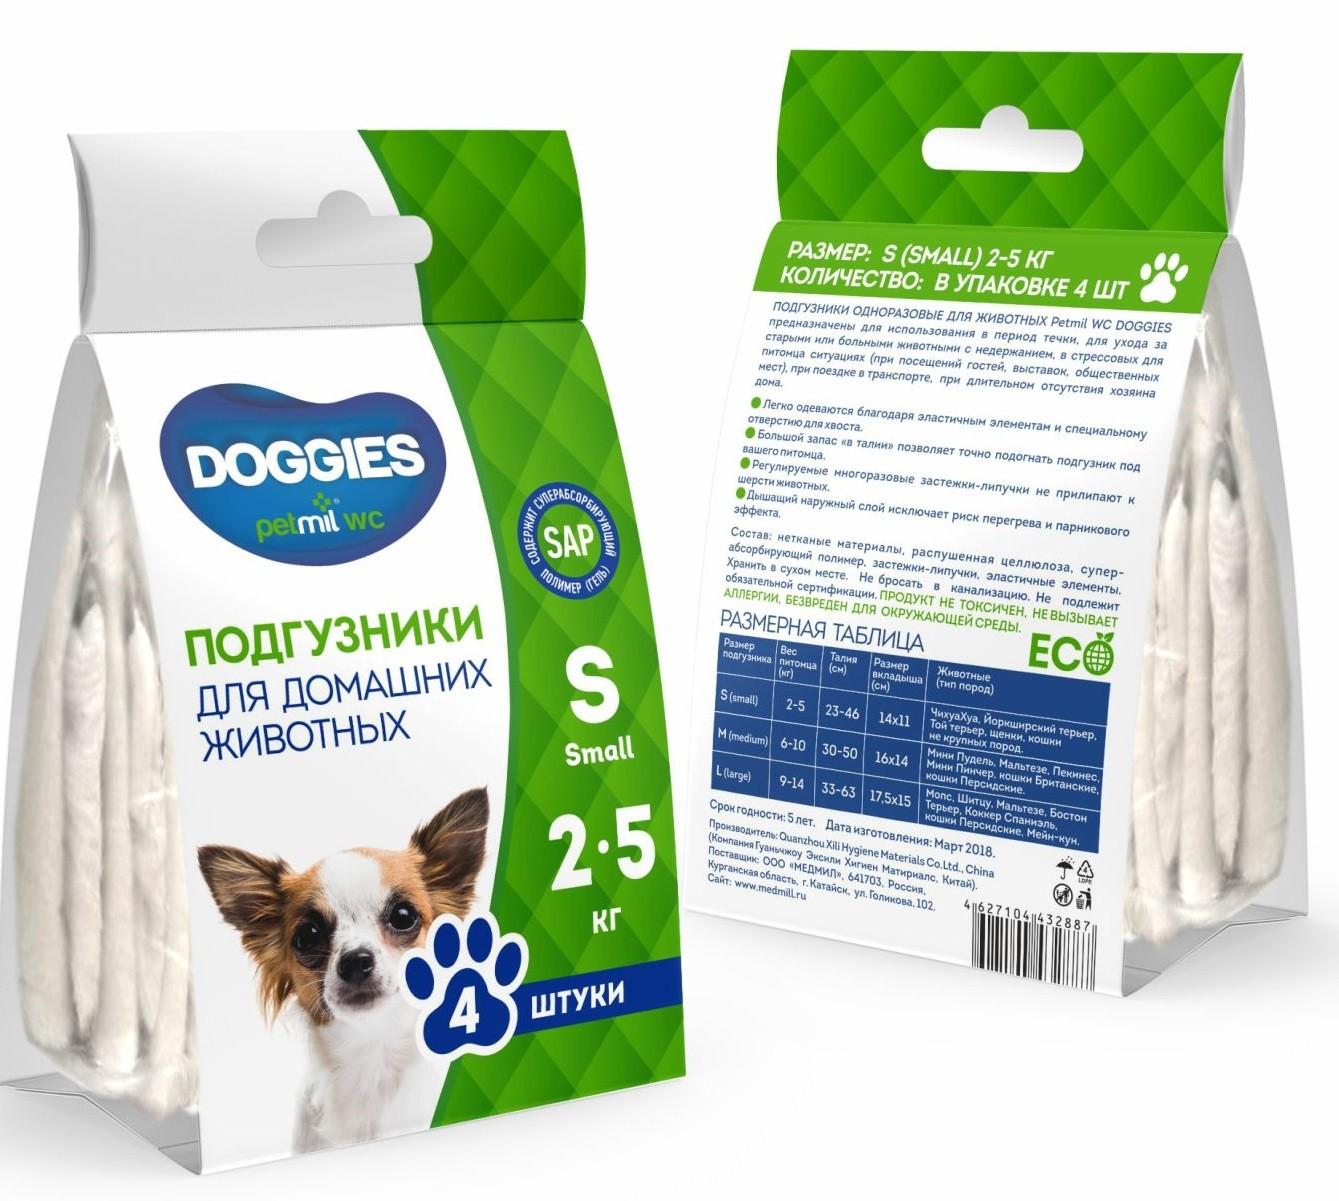 Подгузники для животных DOGGIES S (2